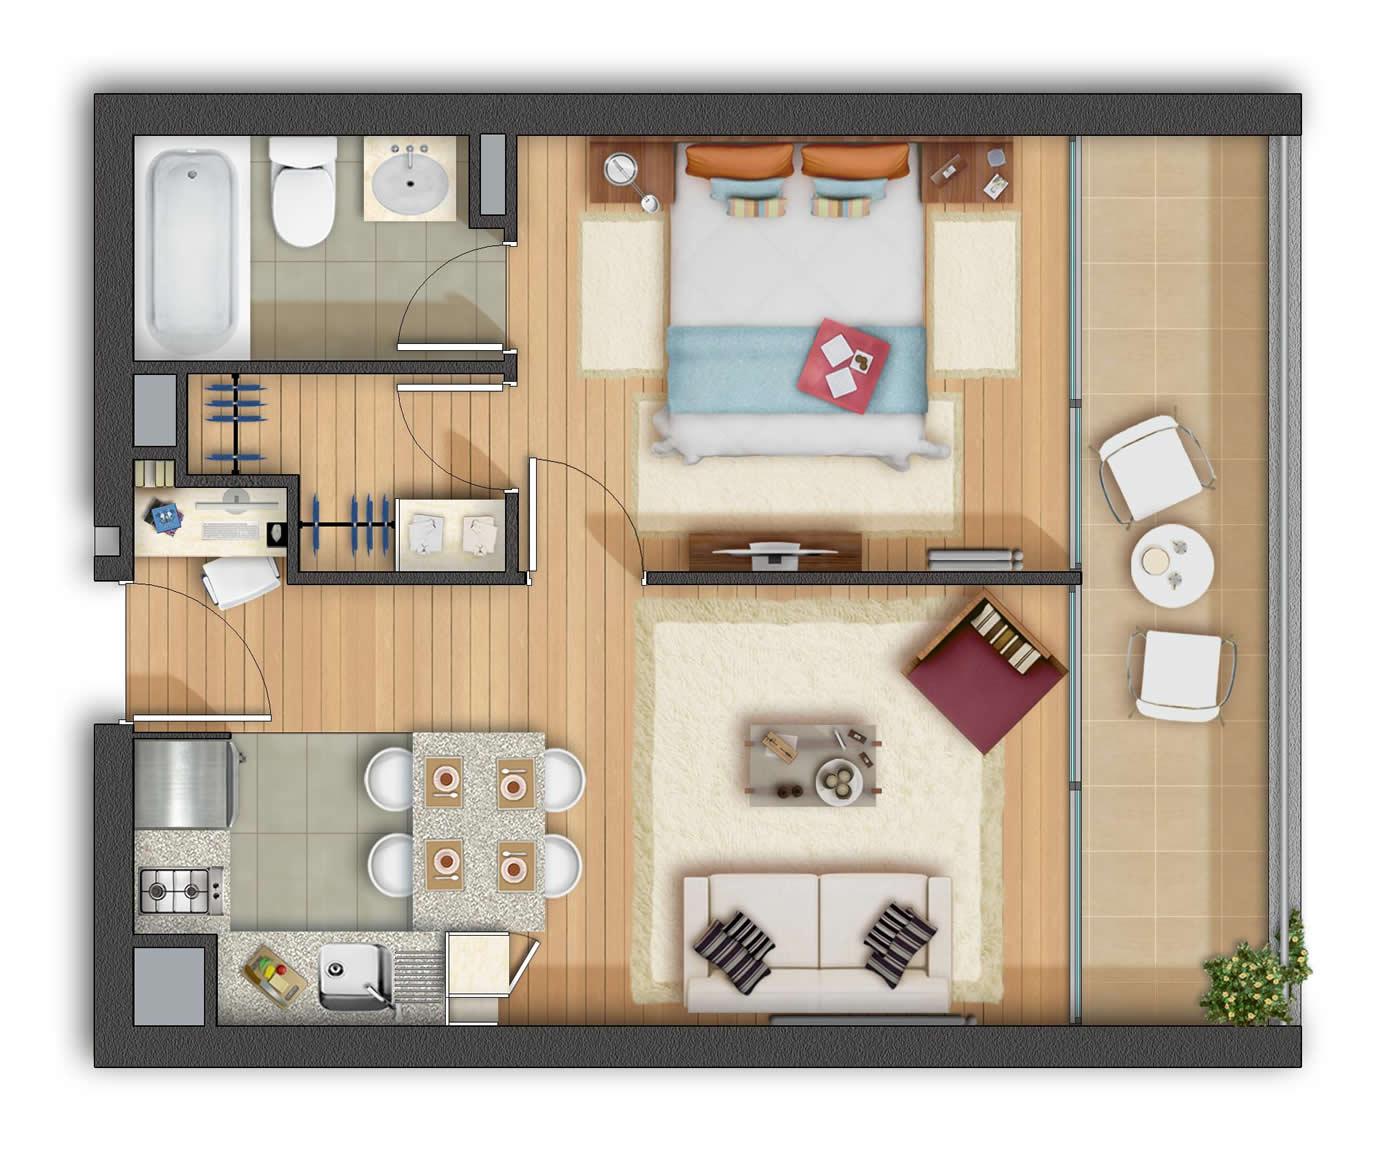 Departamentos de 1 y 2 ambientes tendr n una alta demanda for Departamentos decorados con plantas